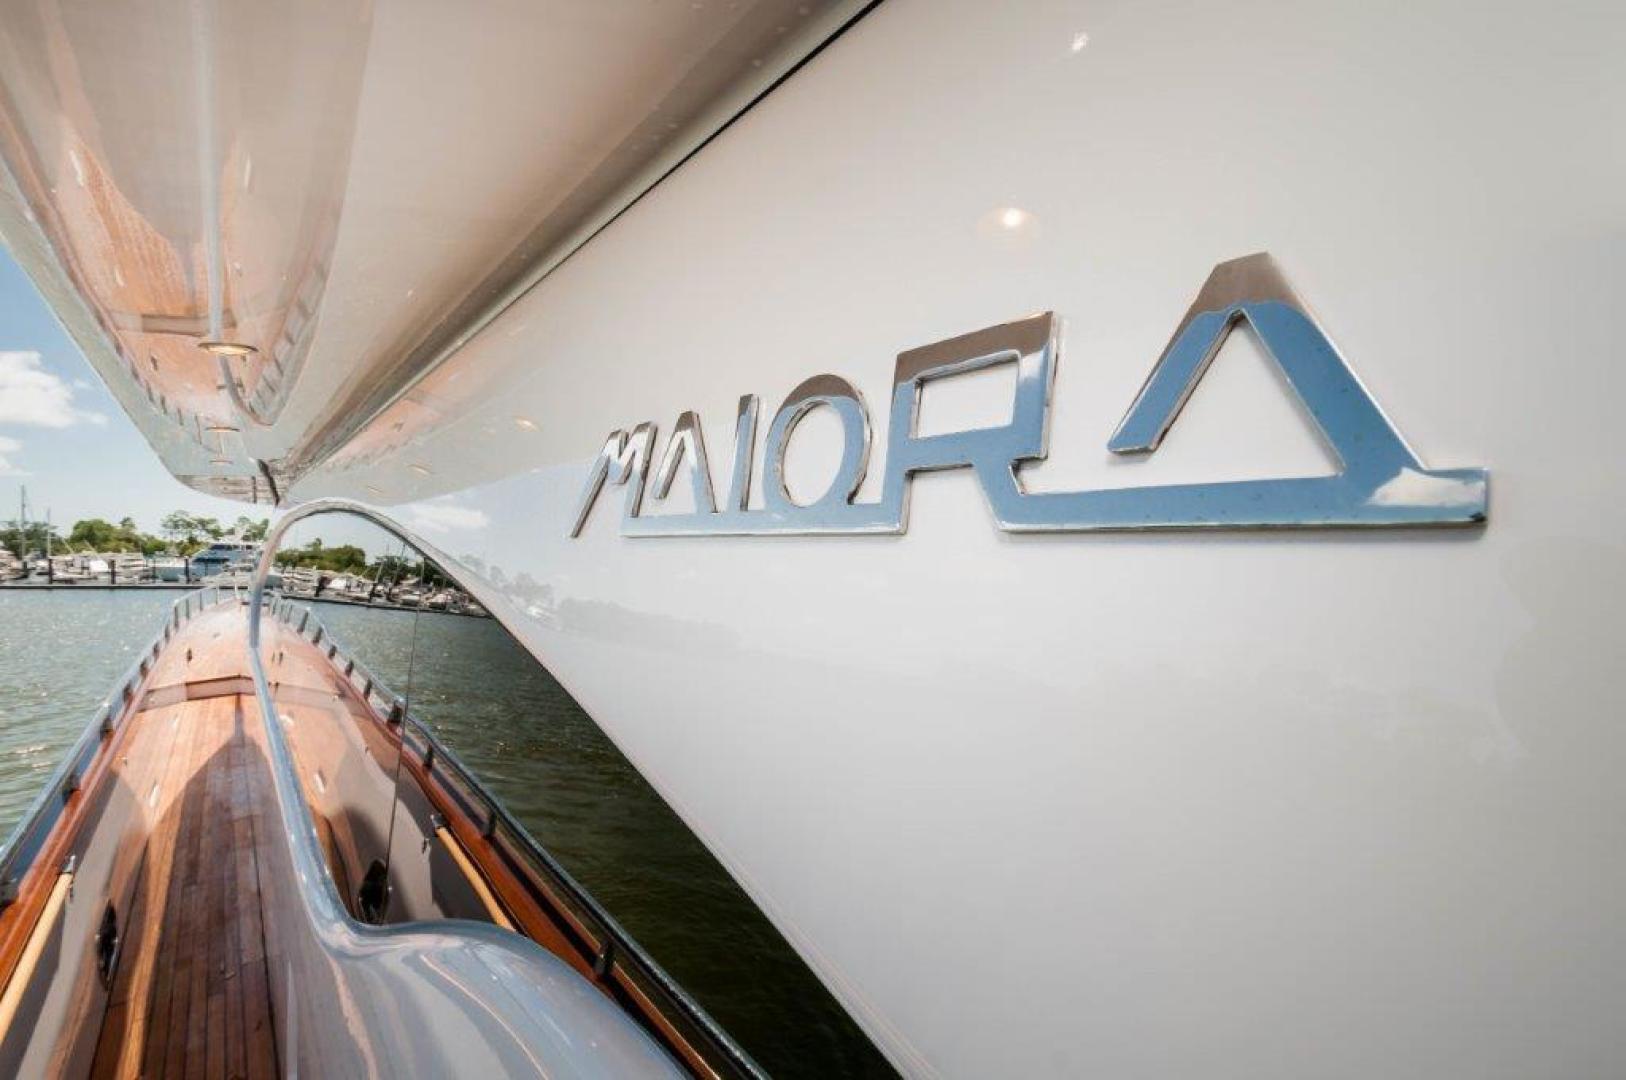 Maiora-84 Motor Yacht 2015-Never Rest SANDESTIN-Florida-United States-2015 Maiora 84 Motor Yacht Logo Never Rest-720542 | Thumbnail